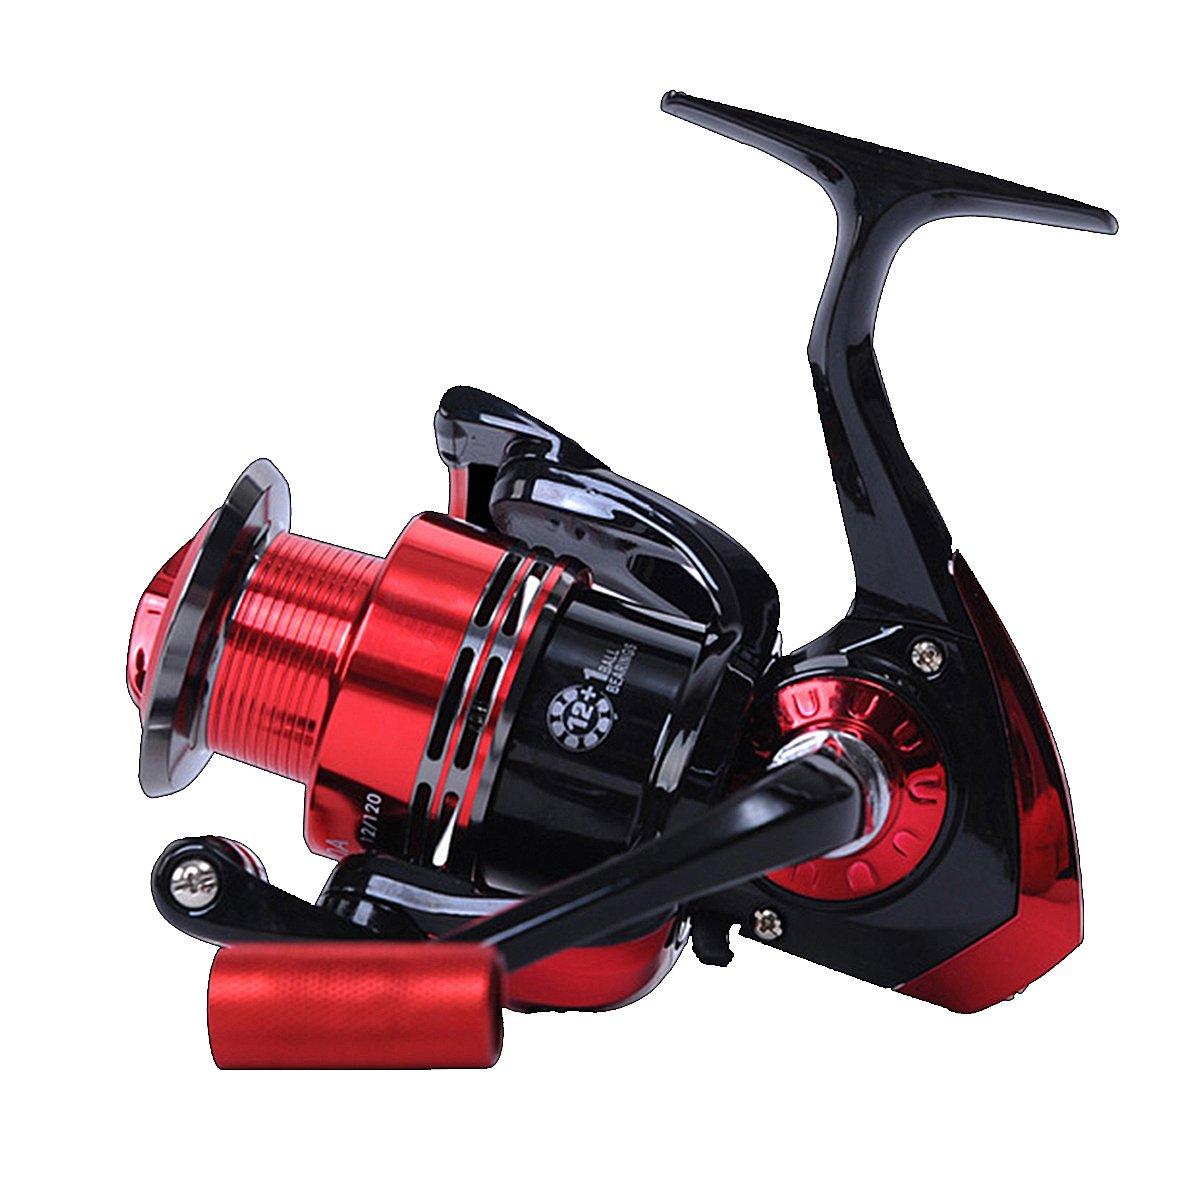 QOJA zanlure jm1000 12+1bb 5.2:1 spinning fishing reel right/left